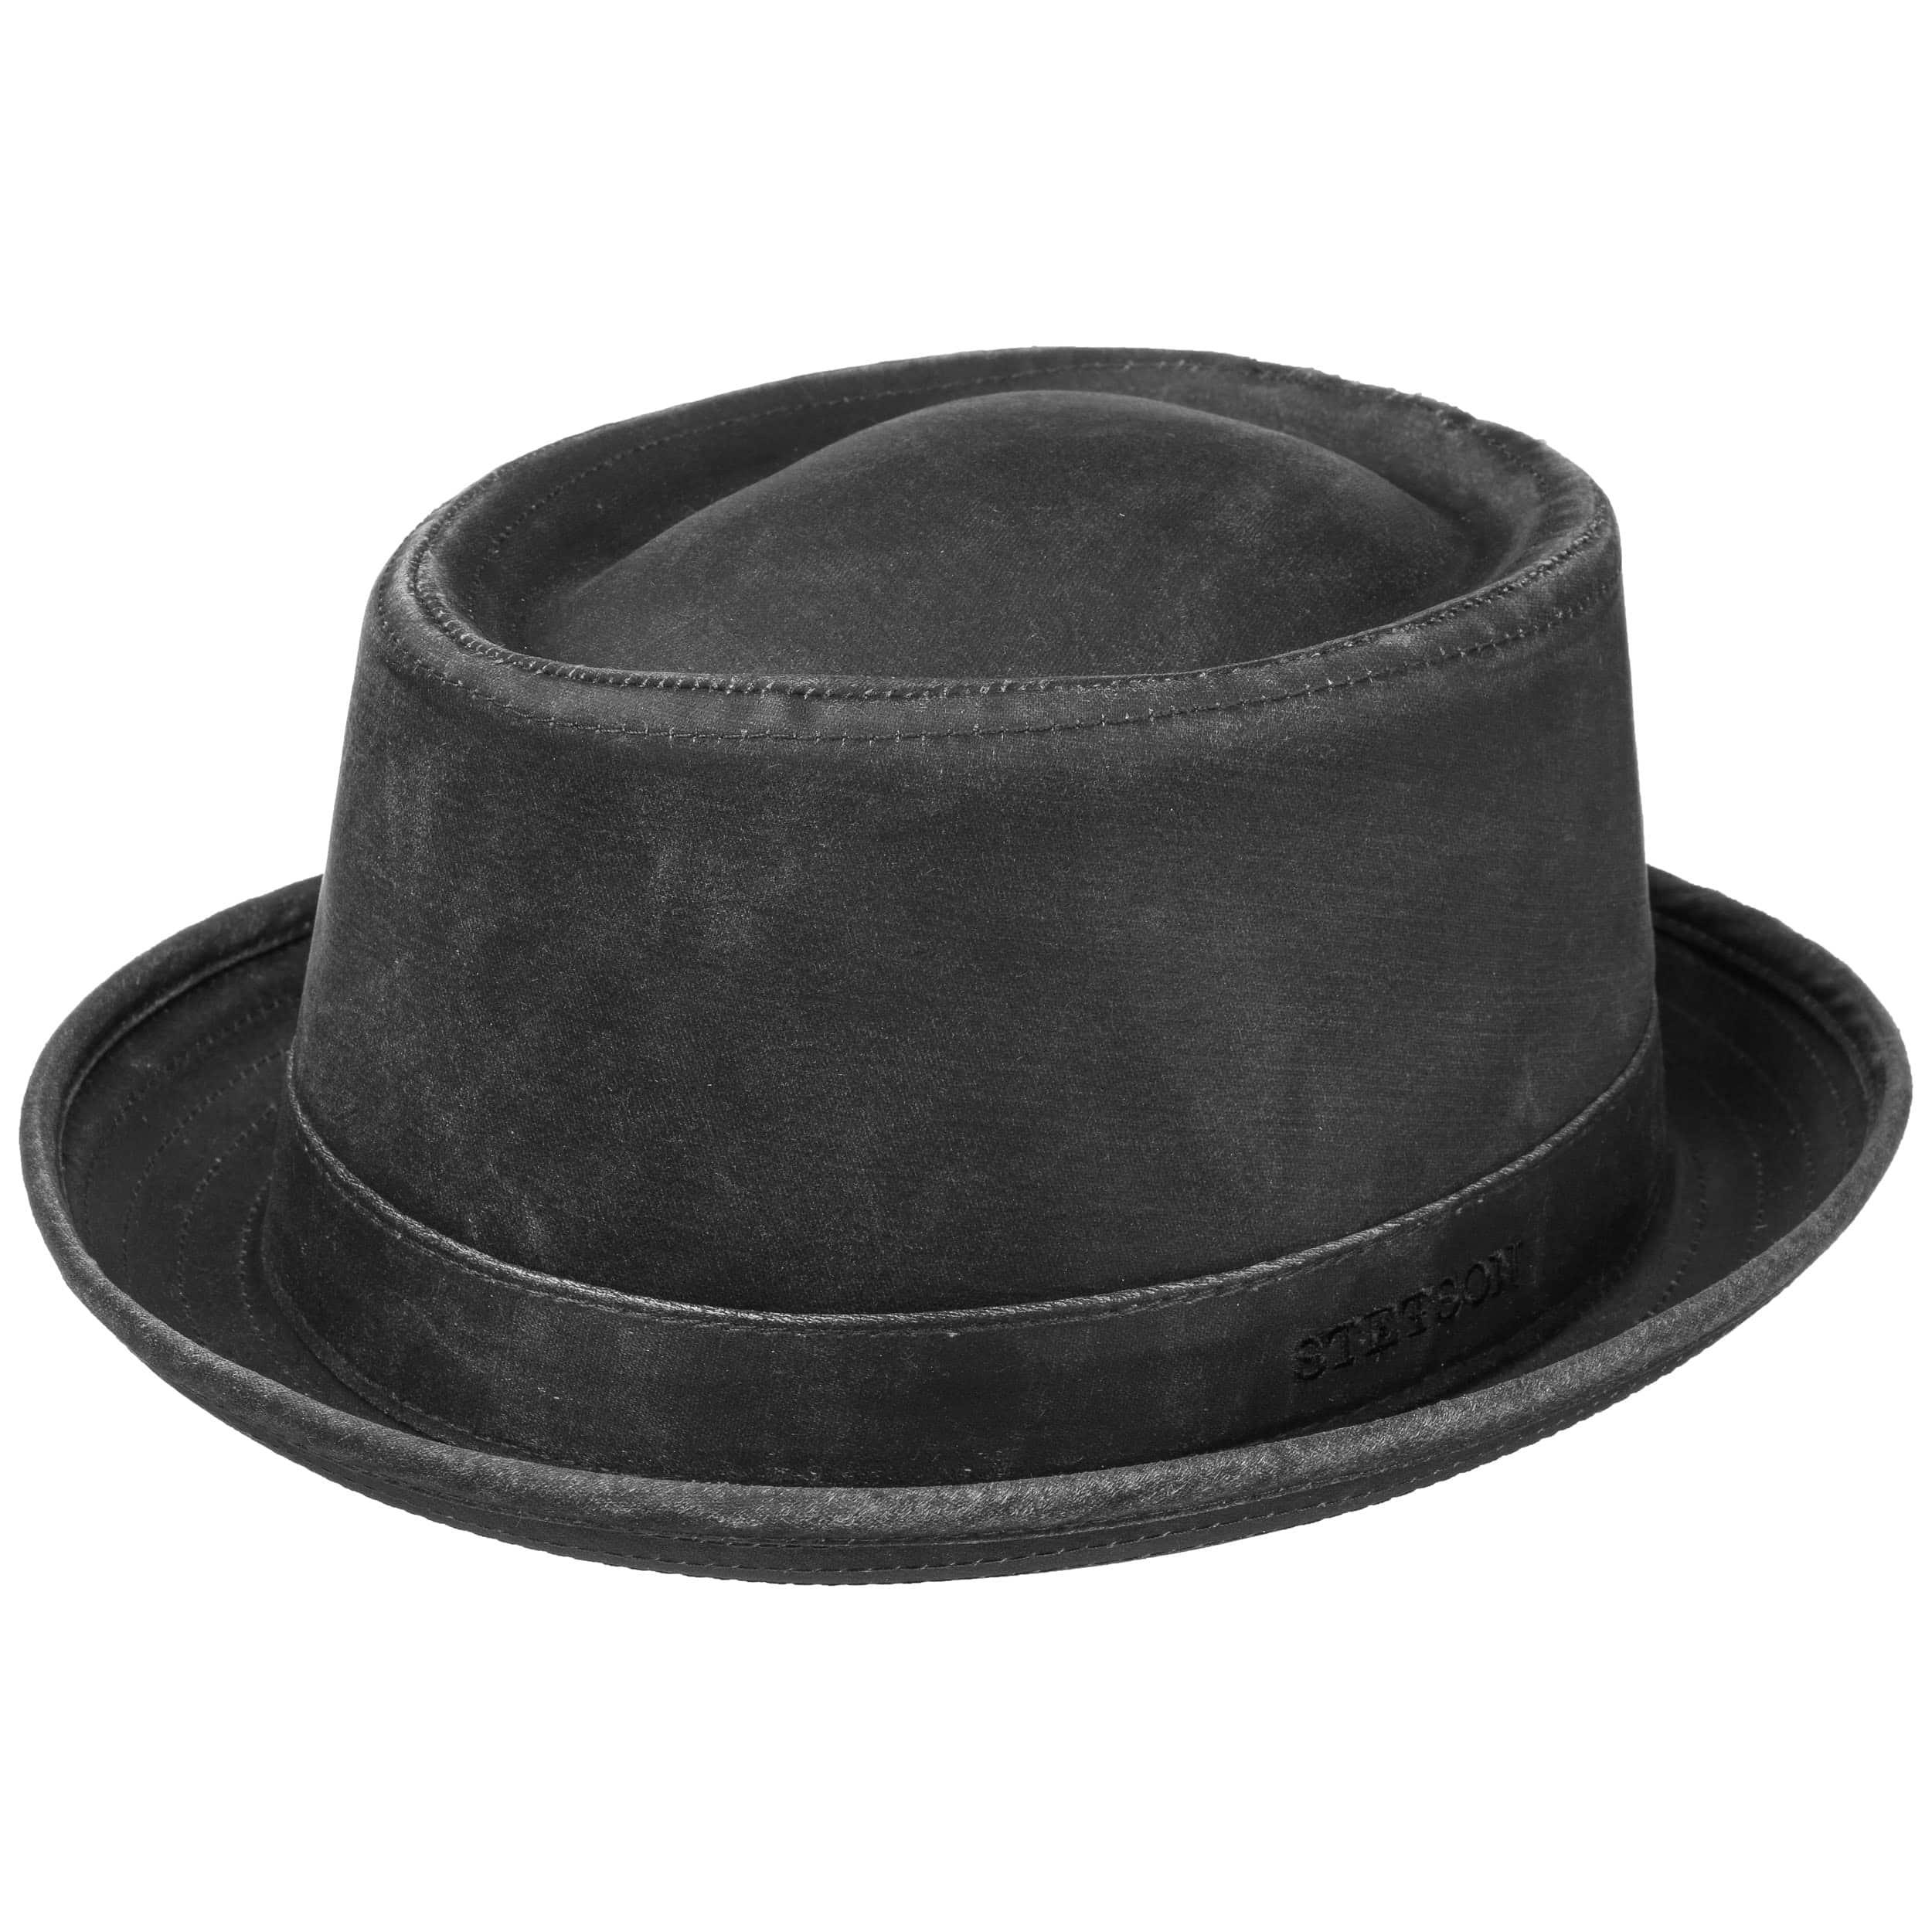 chapeau odenton pork pie by stetson eur 89 00 chapeaux casquettes et bonnets en ligne. Black Bedroom Furniture Sets. Home Design Ideas